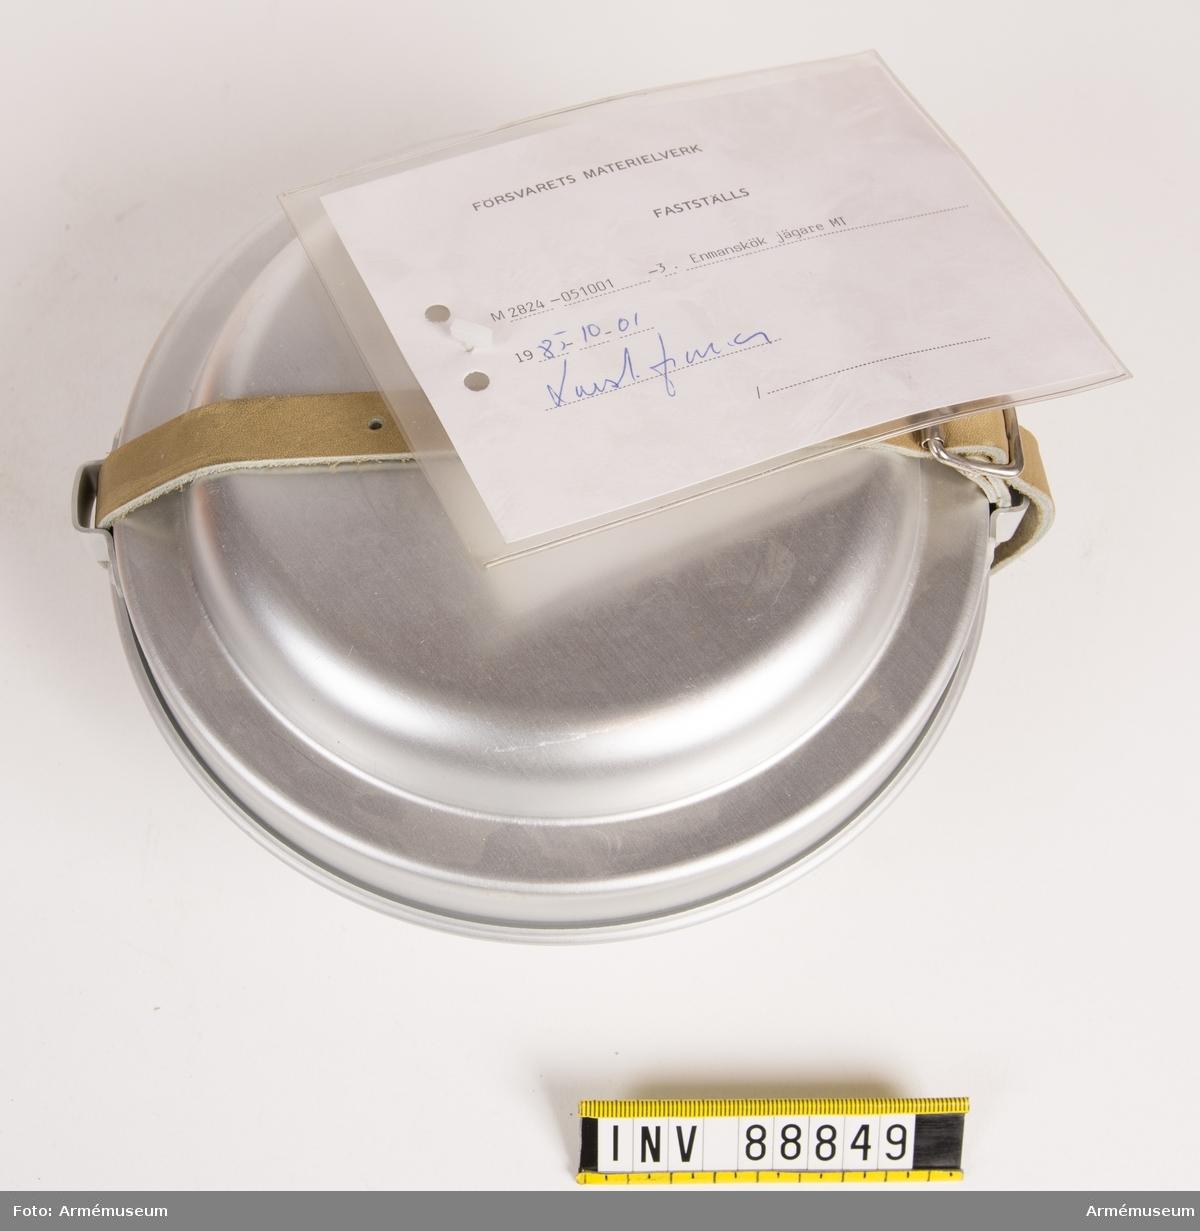 """Enmanskök bestående av en brännare, ett undre och ett övre vindskydd, två kokkärl; ett lock (stekpanna), lockhandtag, samt en omslagsrem av läder. På lockets ovansida märkt med tre kronor och NC 66 Svea. Vidhängande modellapp med text: """"Försvarets materielverk. Fastställs. M 2824-051001-3 Enmanskök jägare MT. 1985-10-01. (oläslig underskrift)."""""""